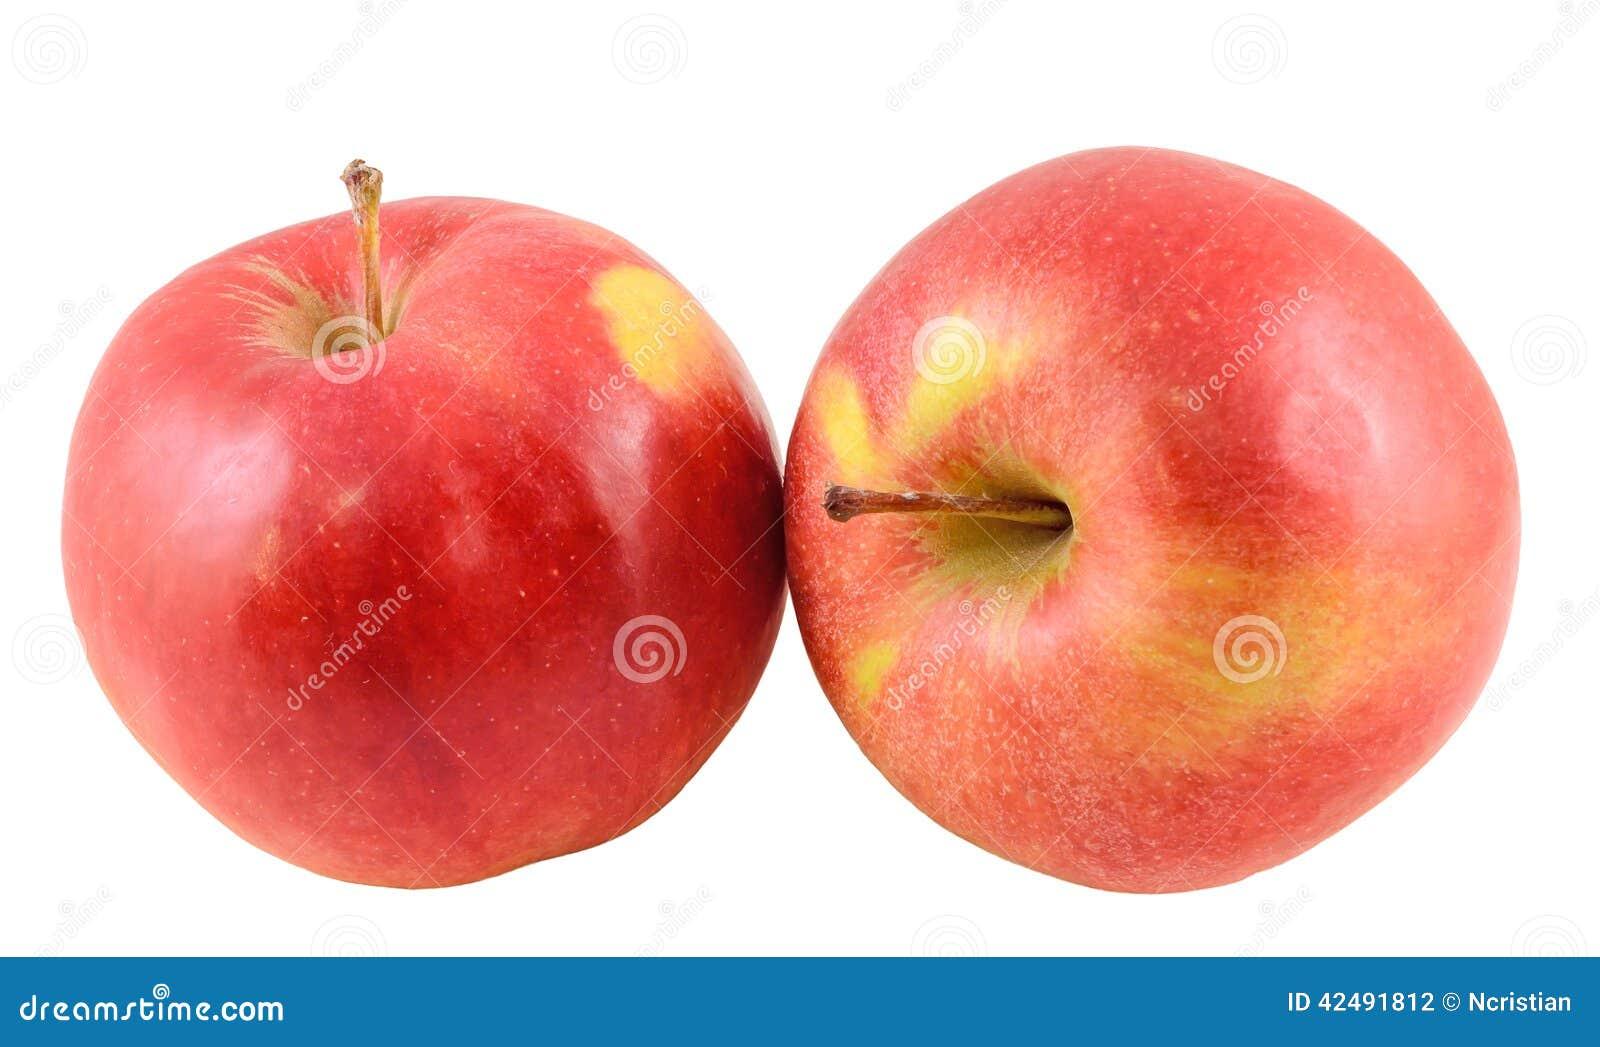 Röd-guling Jonathan äpplen som isoleras